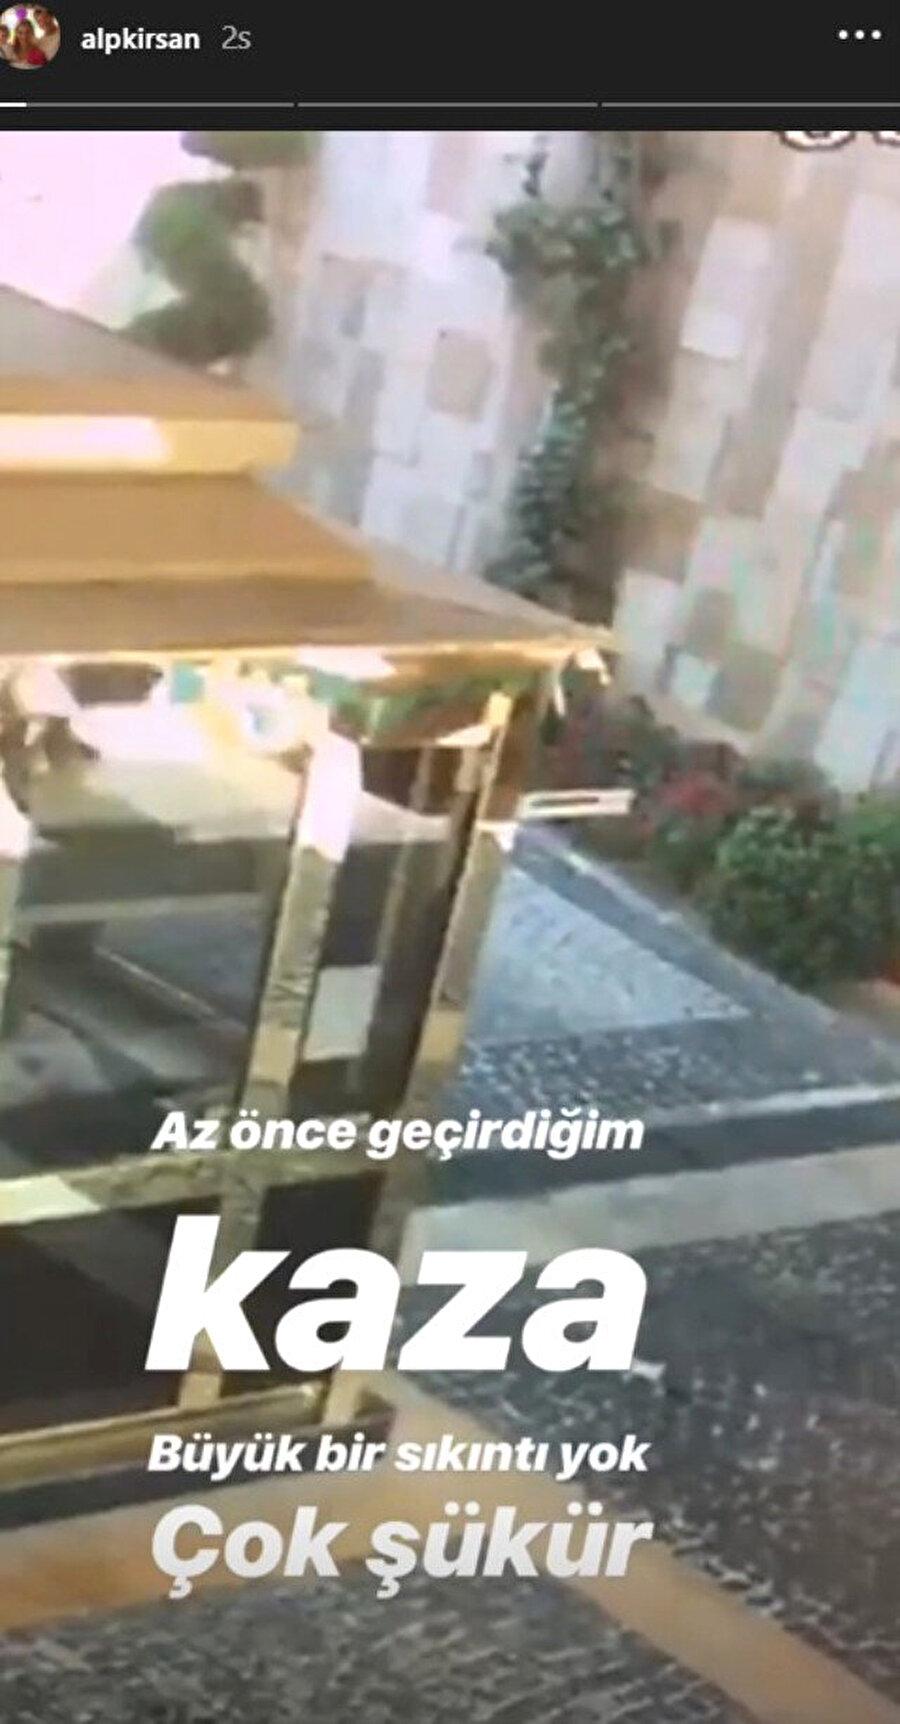 Sosyal medyada yayınladı! Sevilen sunucu Alp Kırşan, motosikletiyle güvenlik bariyerinden geçerken bariyerin bir anda kapanmasıyla neye uğradığını şaşırdı.